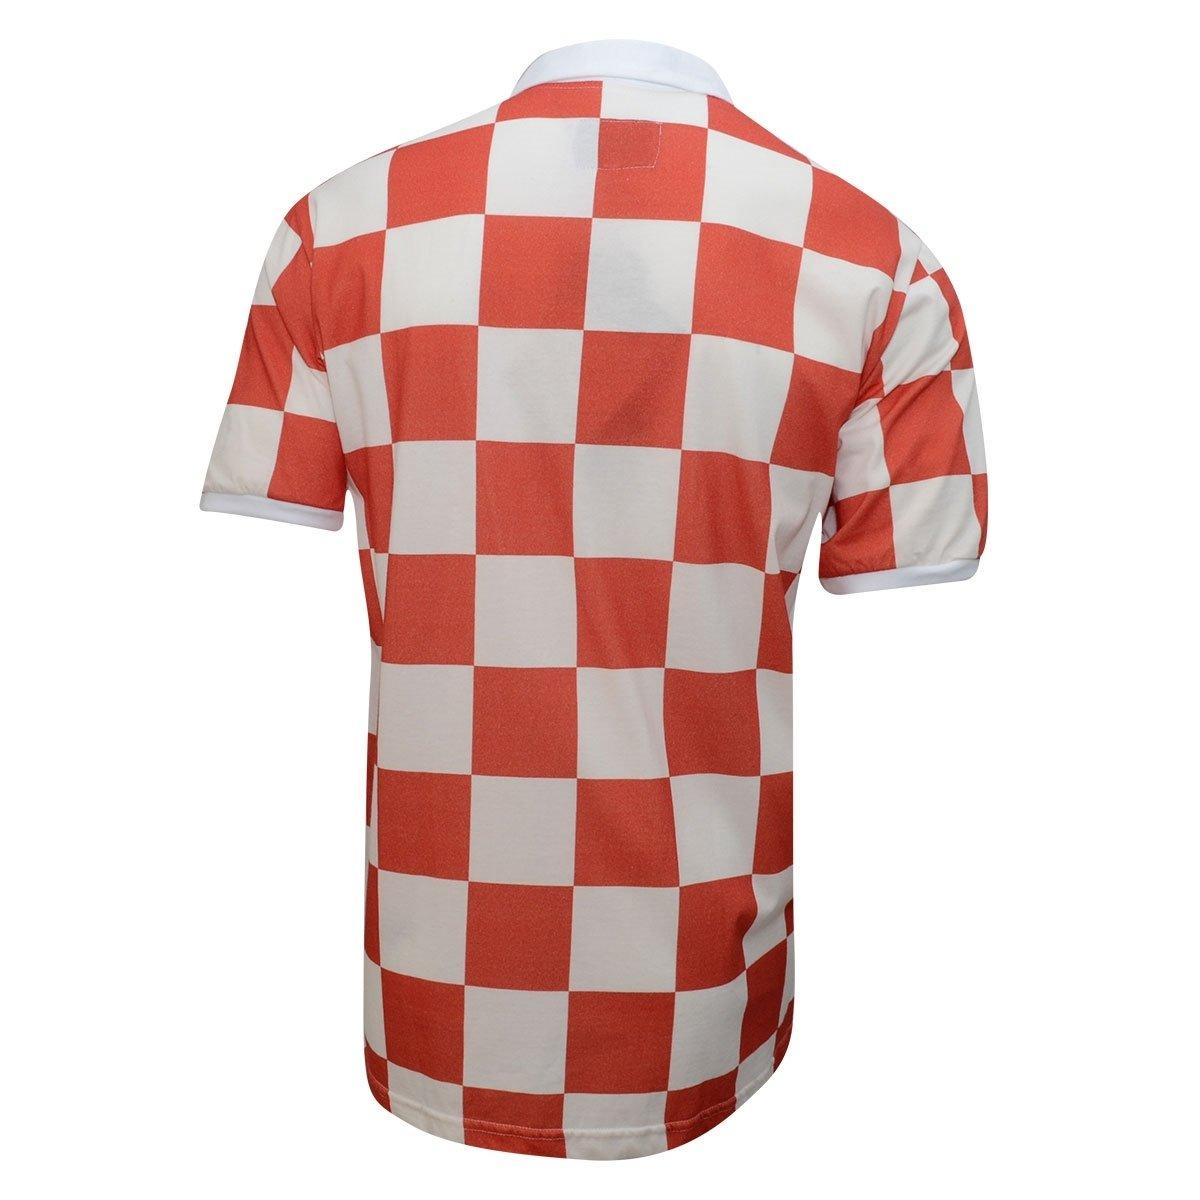 b30402bbcf Camiseta Retrô Croácia Liga Retrô  Camiseta Retrô Croácia Liga Retrô